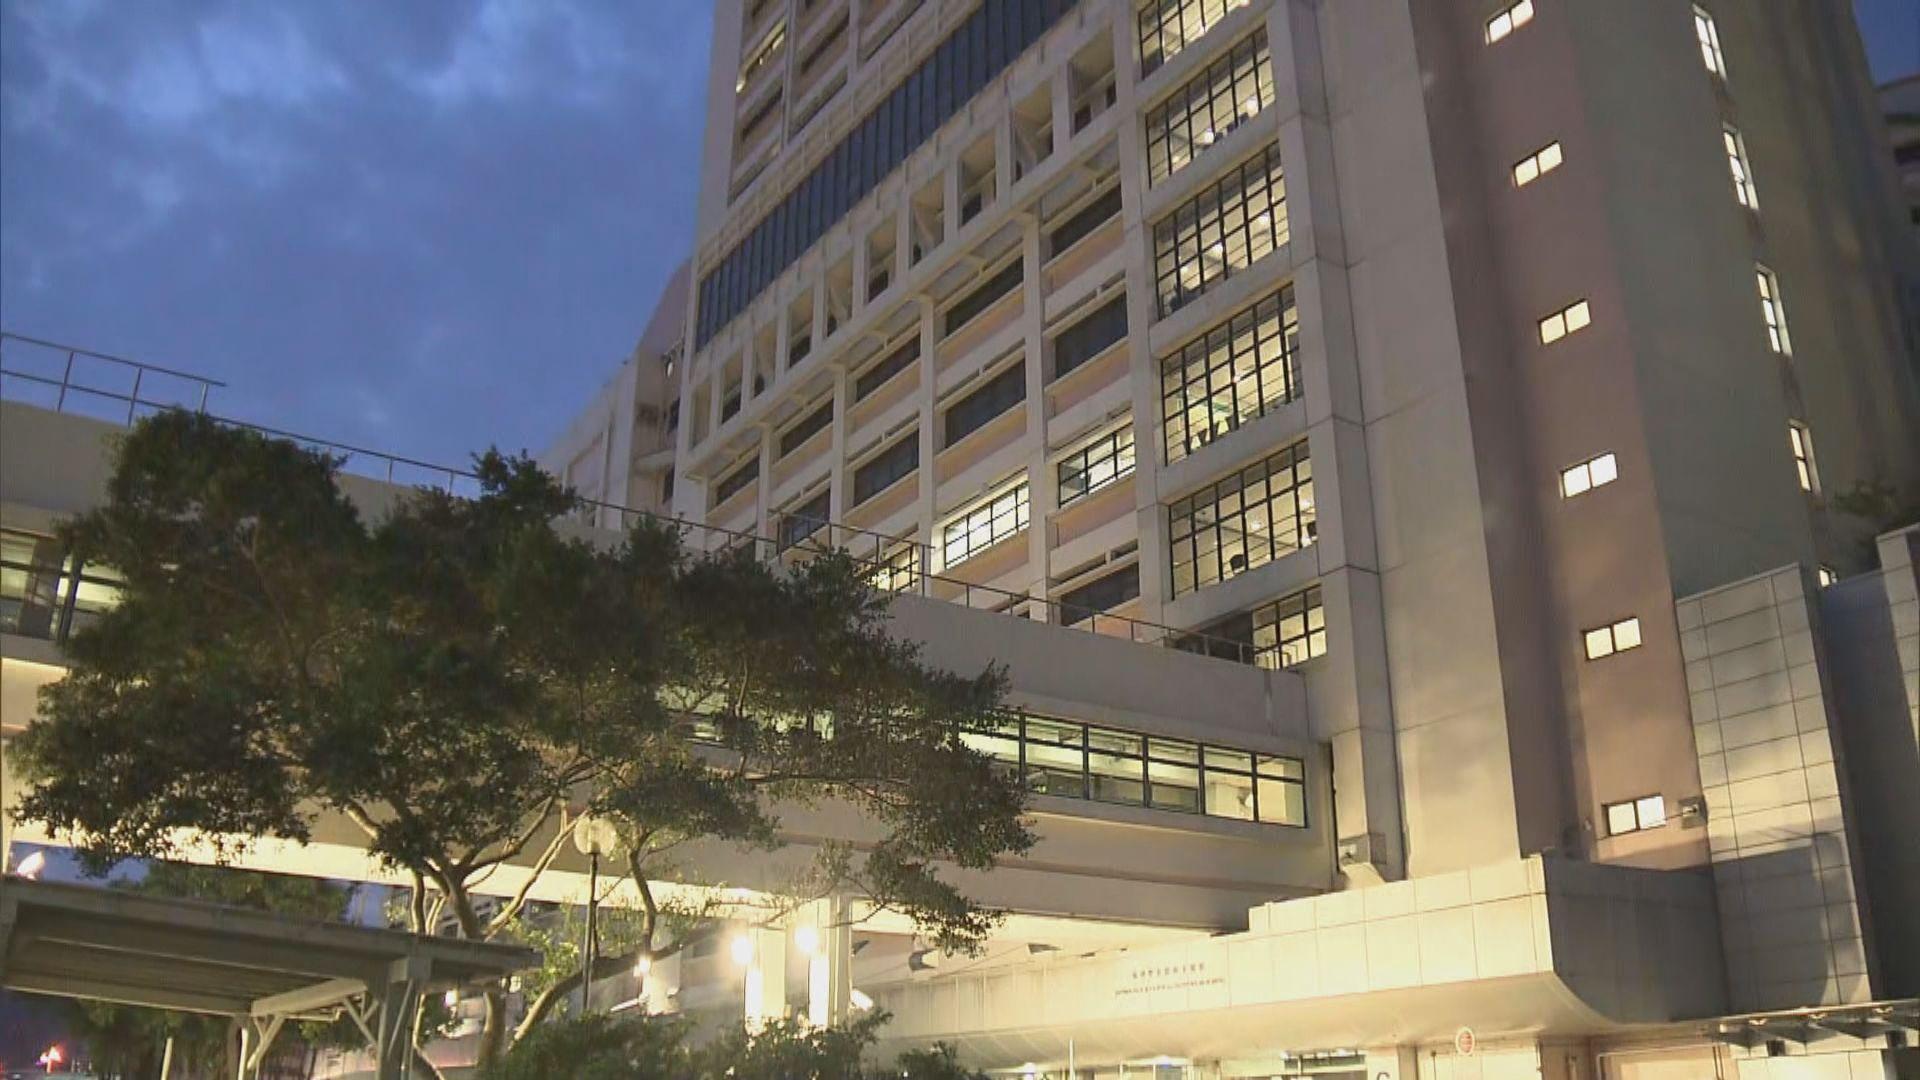 瑪嘉烈醫院負壓病房曾故障半小時 一個路由器出現異常